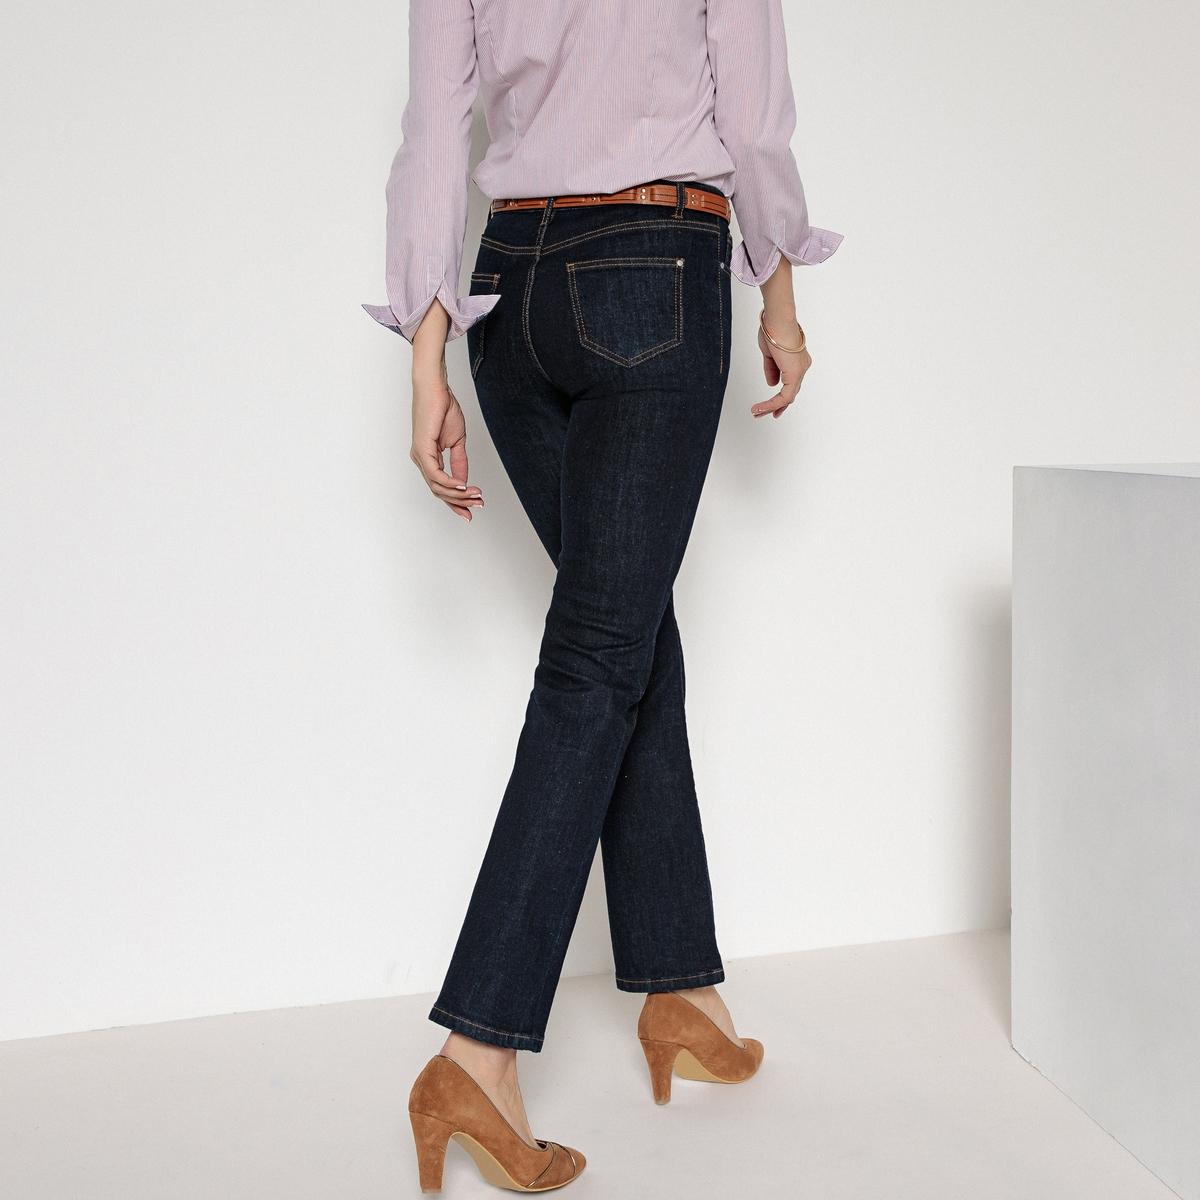 Джинсы расклешенные из денима стретч джинсы расклешенного покроя из денима стретч